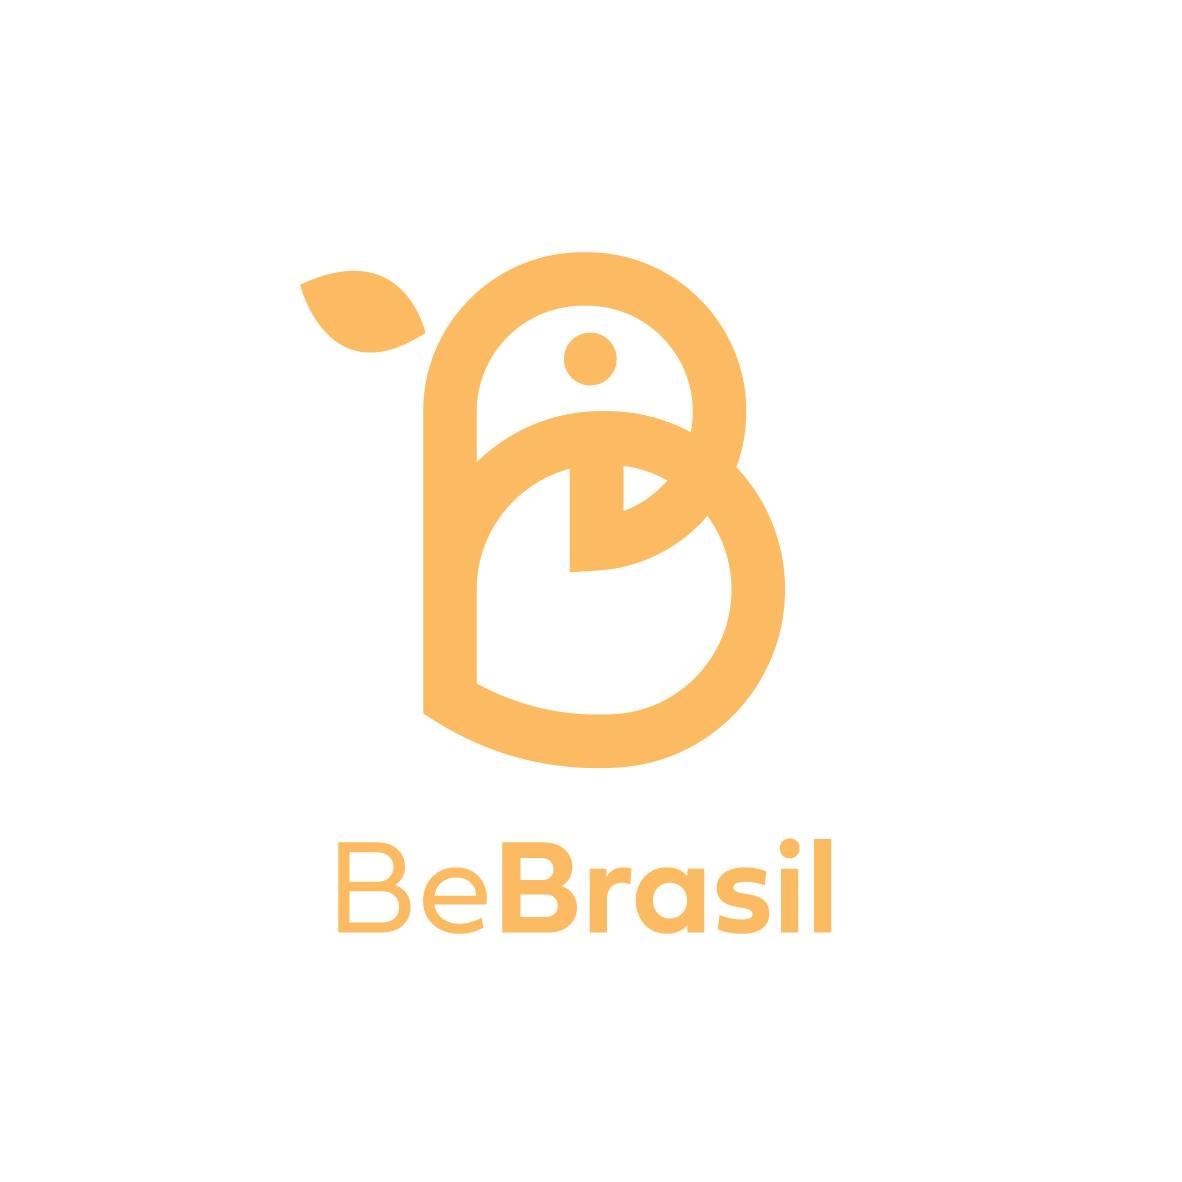 Imagem de loja BeBrasil